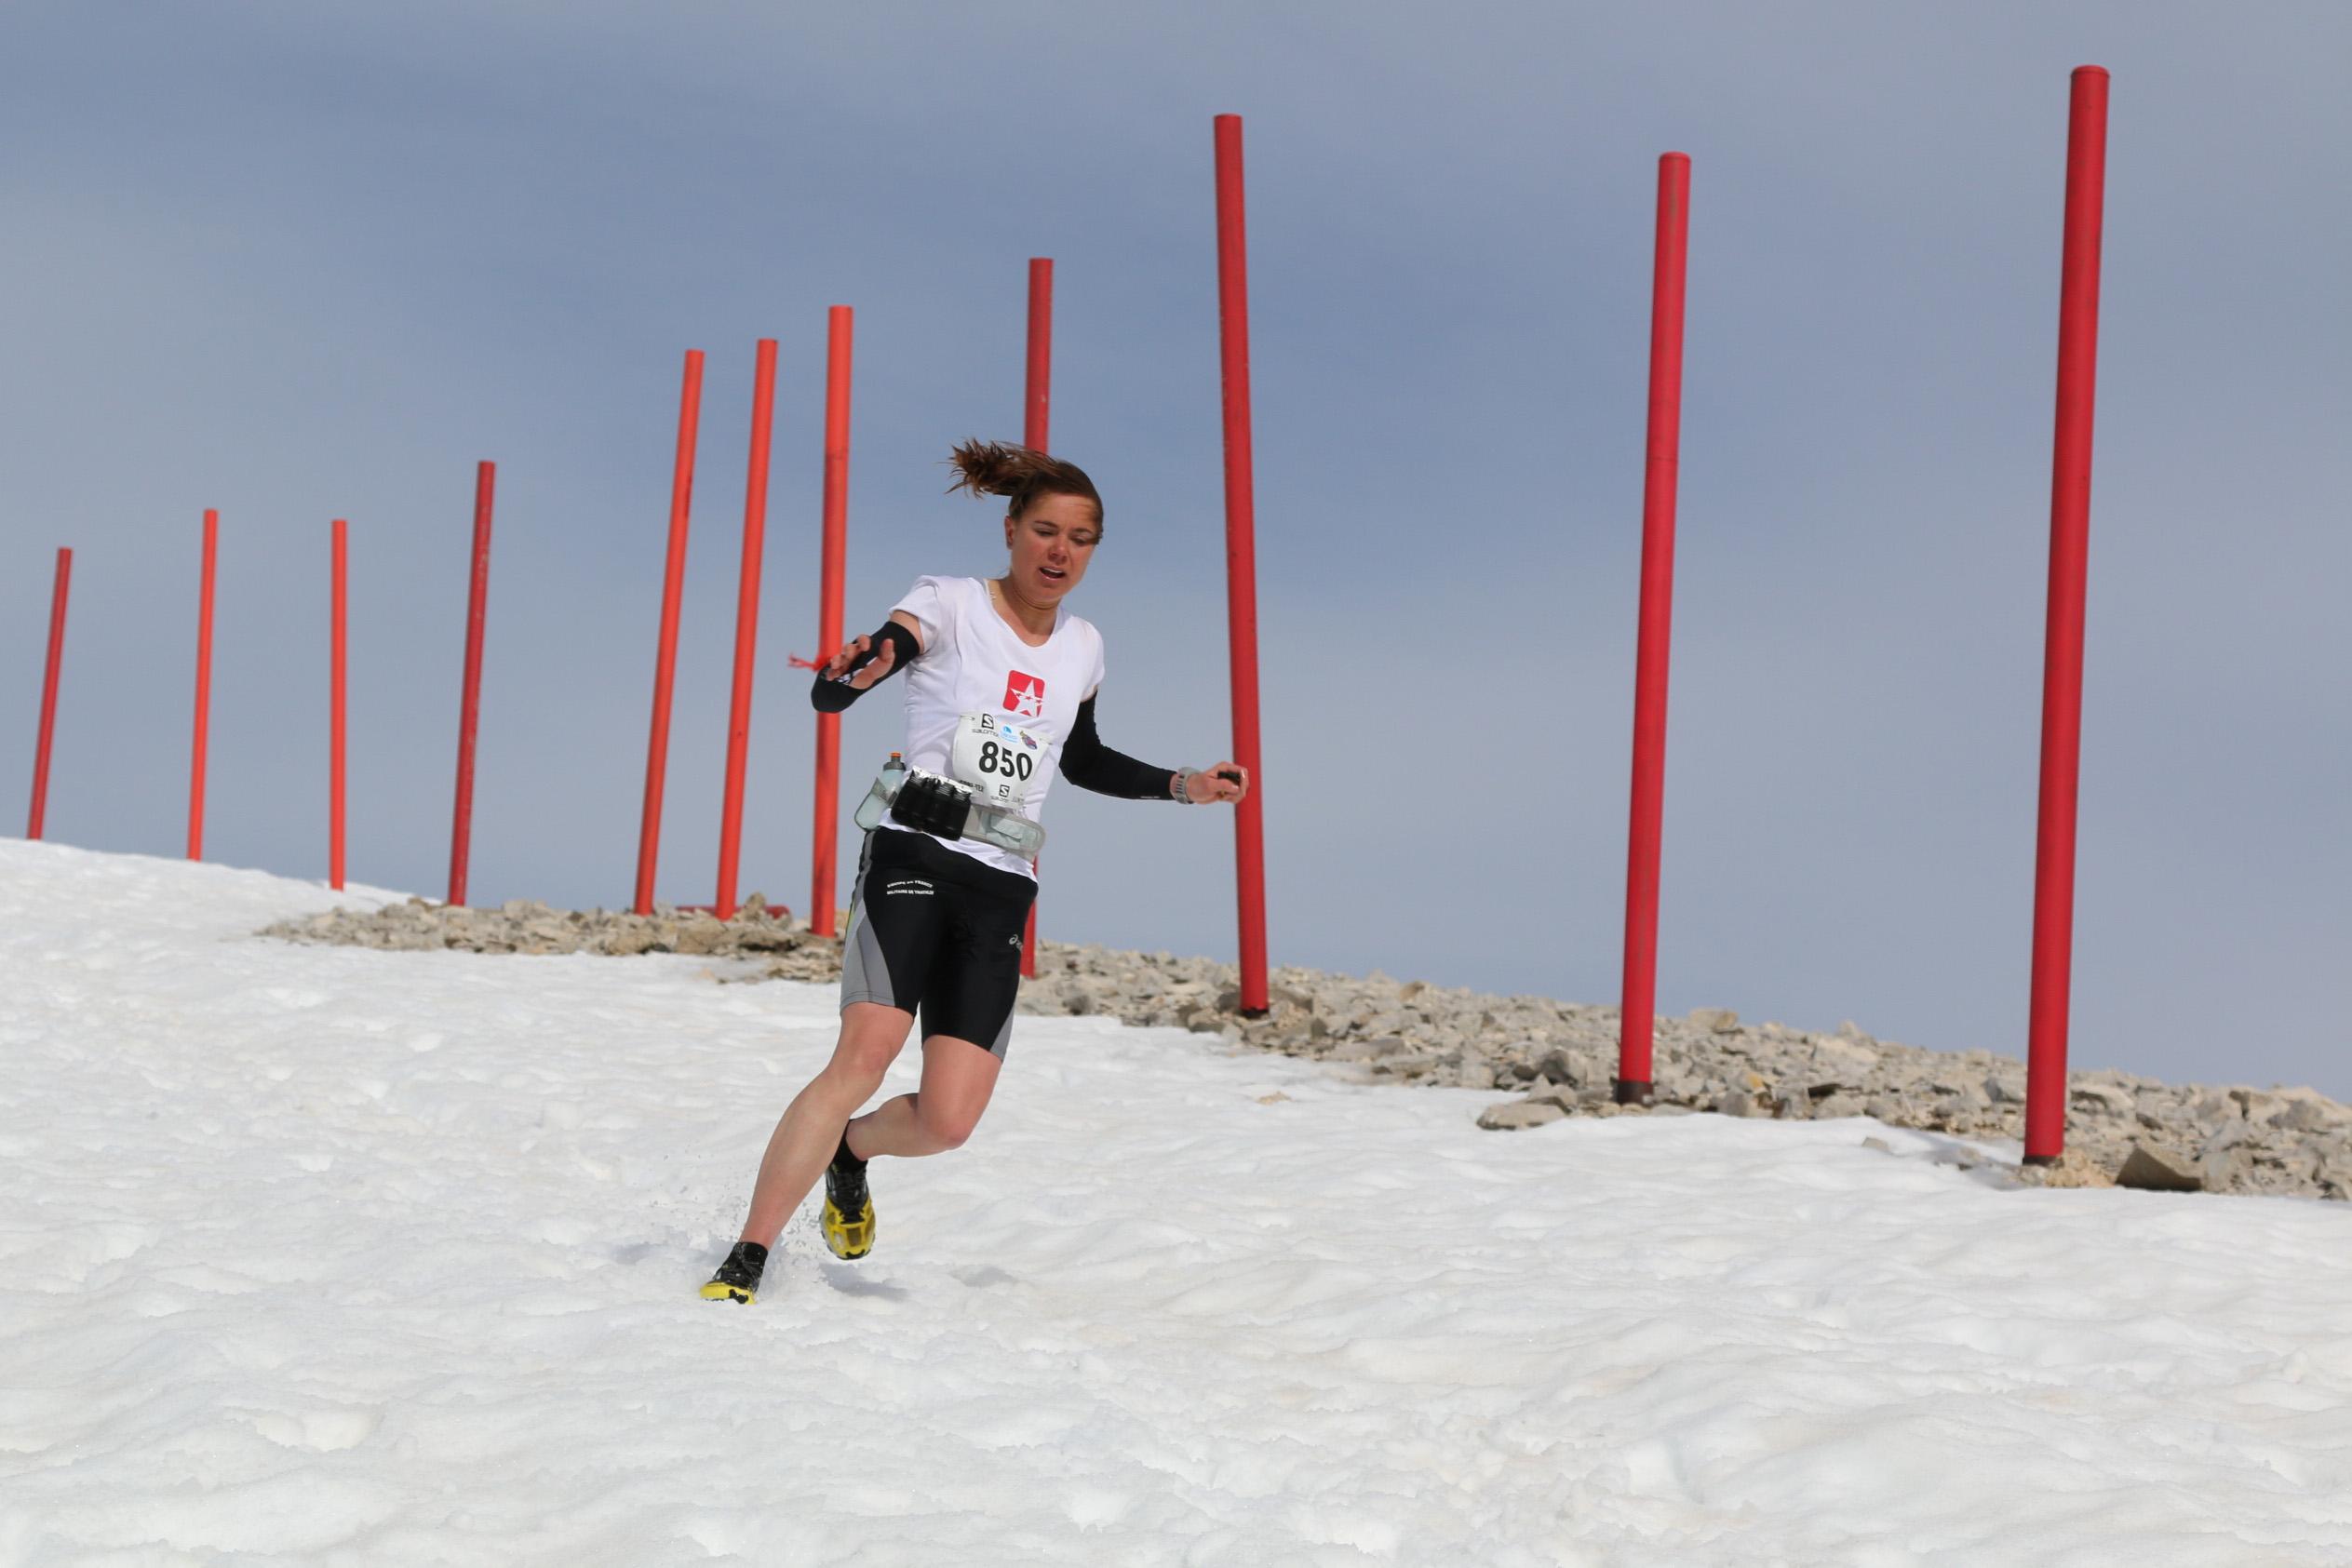 1 Juliette Bénédicto première 472 km IMG 6356 - Résultats du Trail du Ventoux 2014